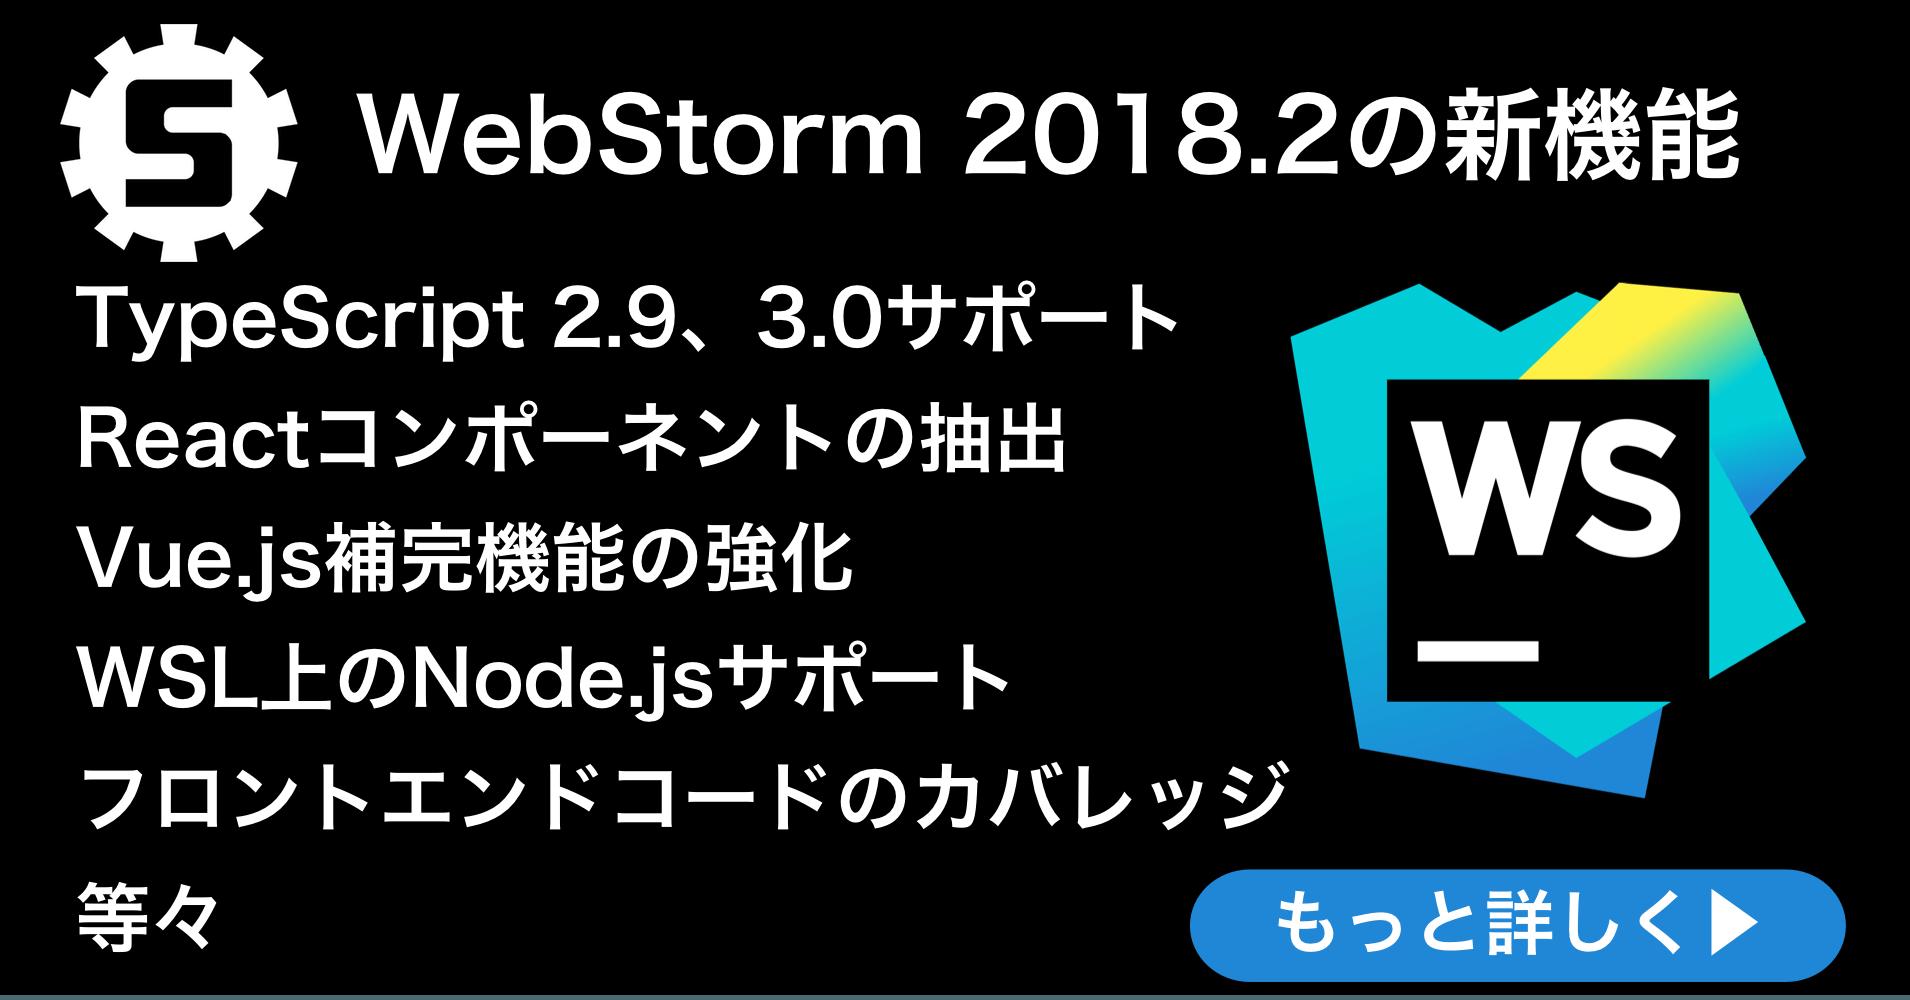 WebStorm 2018.2リリース